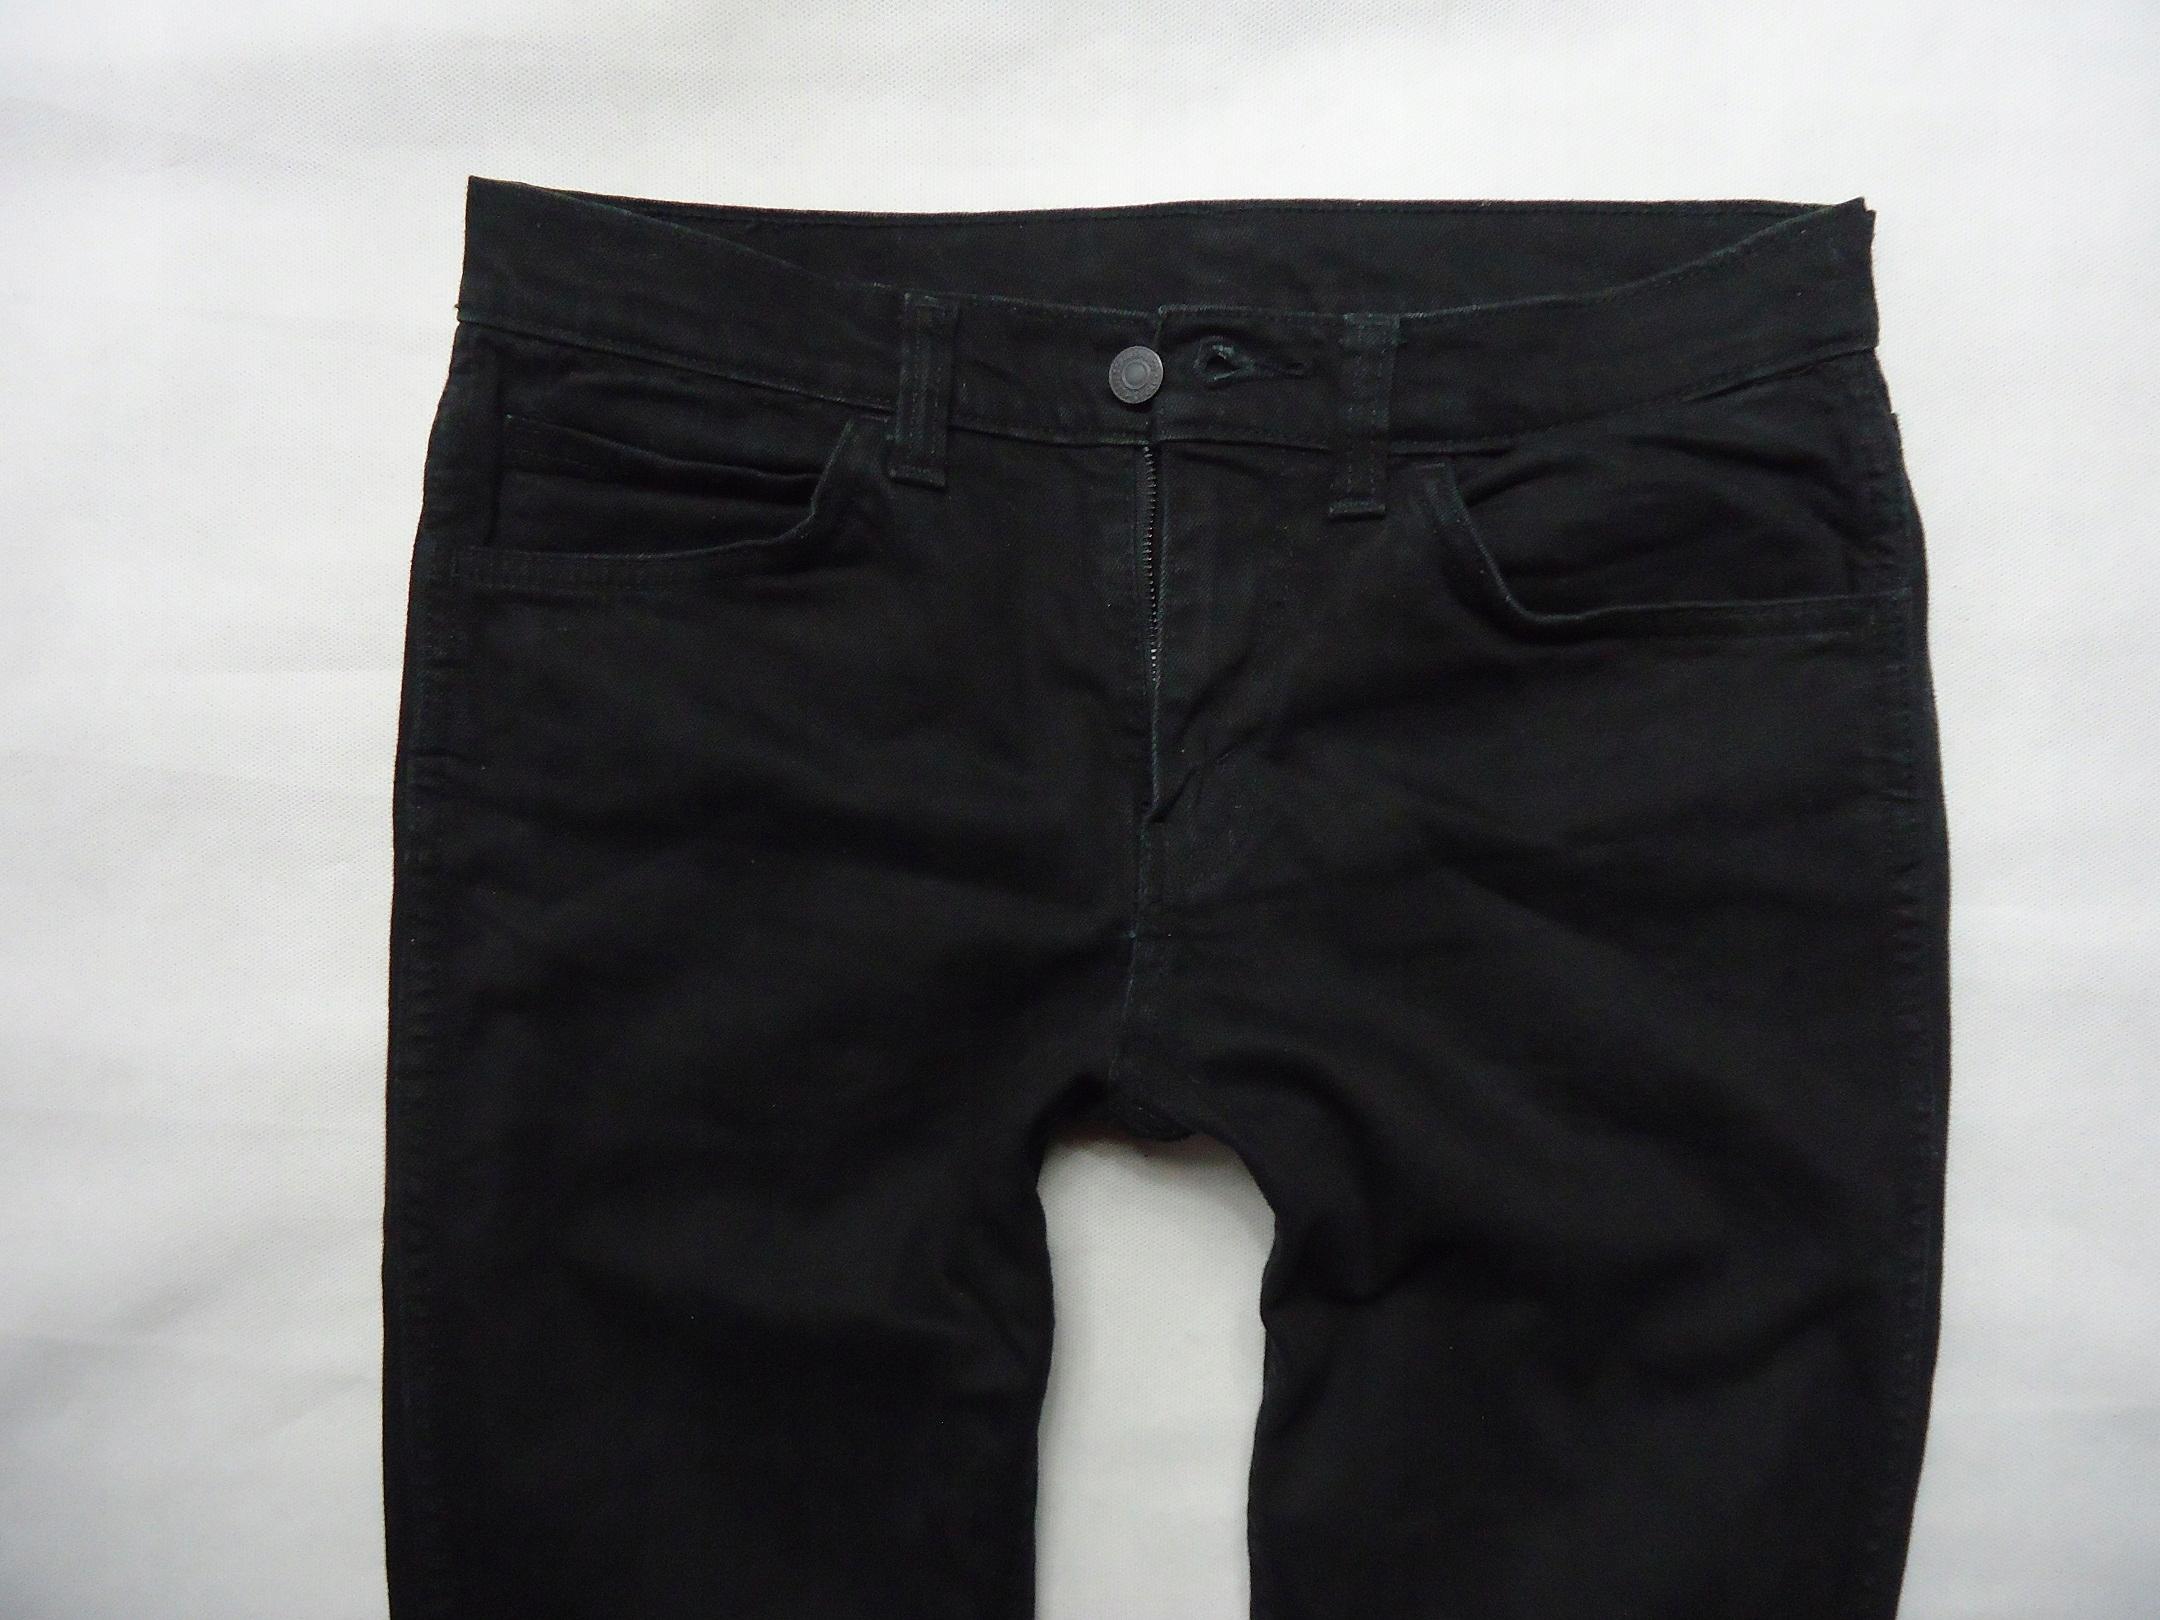 LEVIS 511 LEVI'S spodnie W31 L32 31/32 Skinn rurki